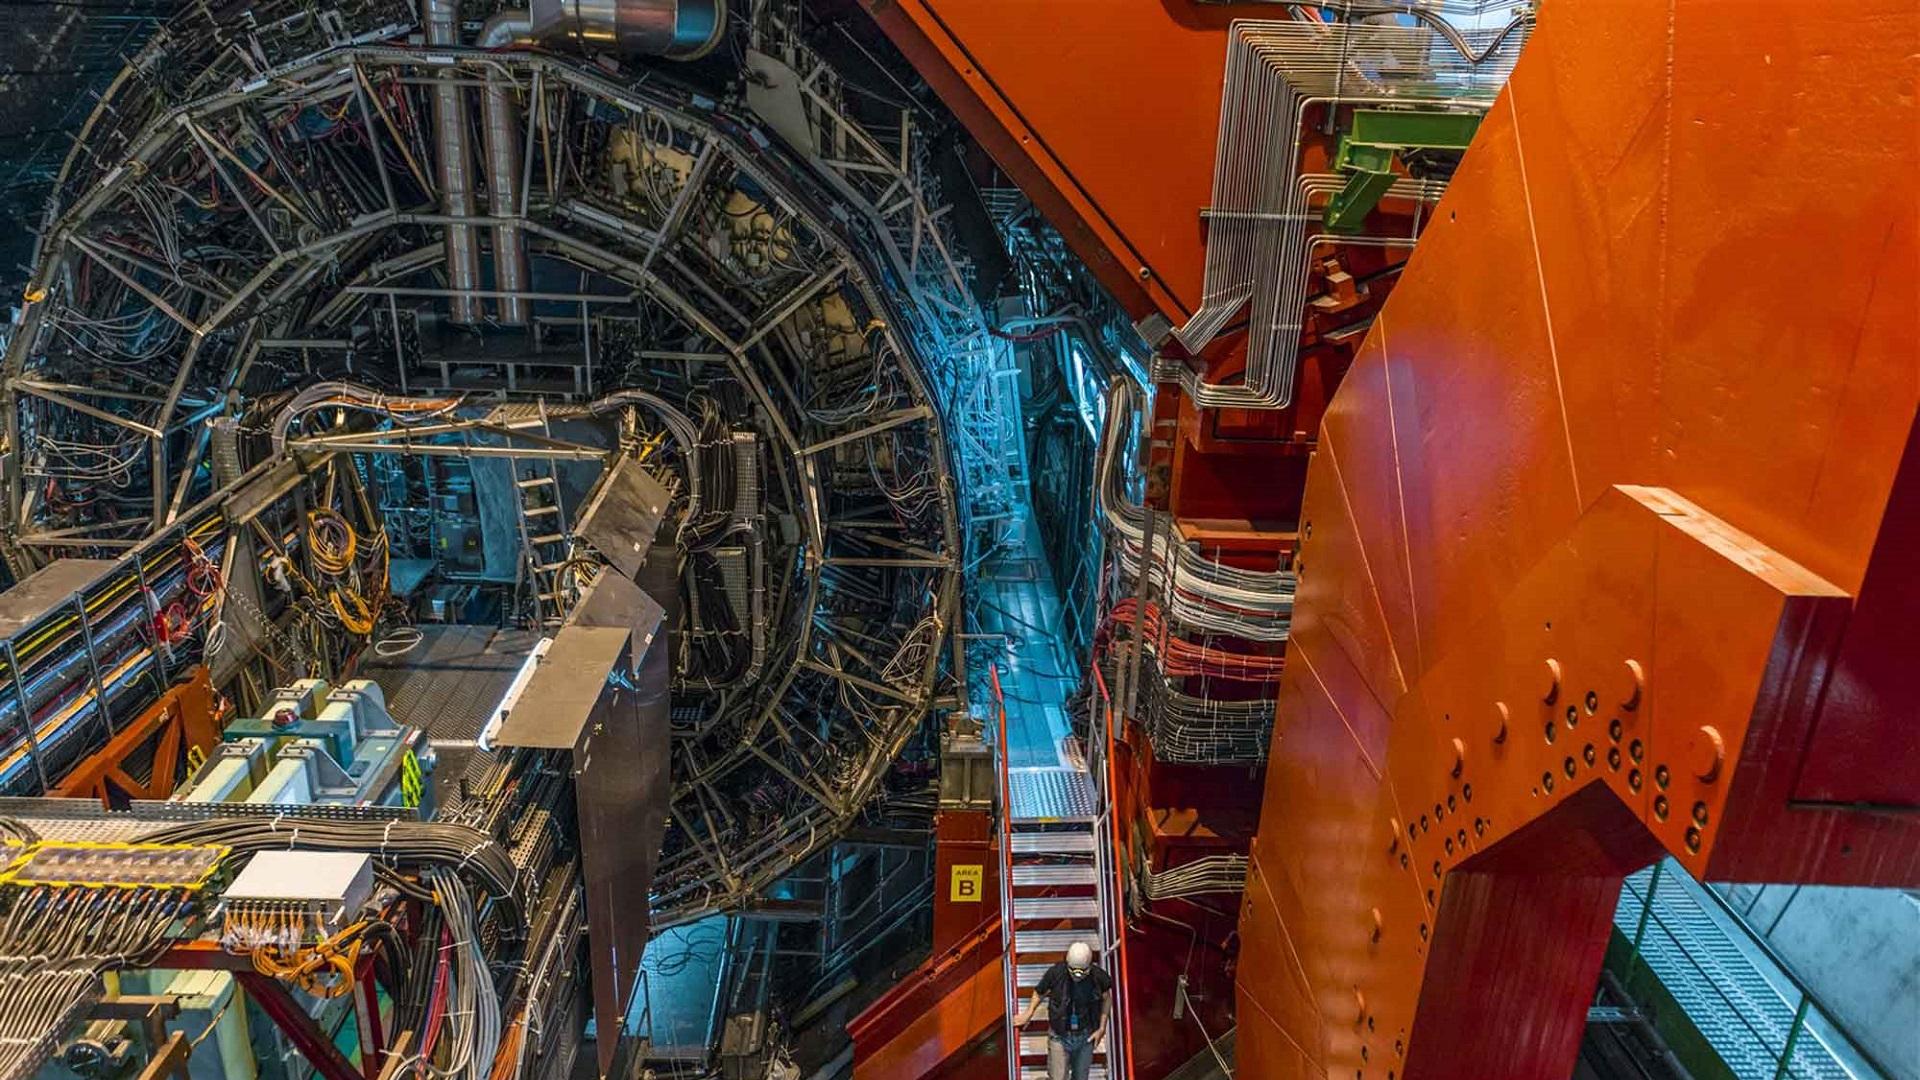 El centro de datos del CERN ya tiene más de 200 petabytes de información